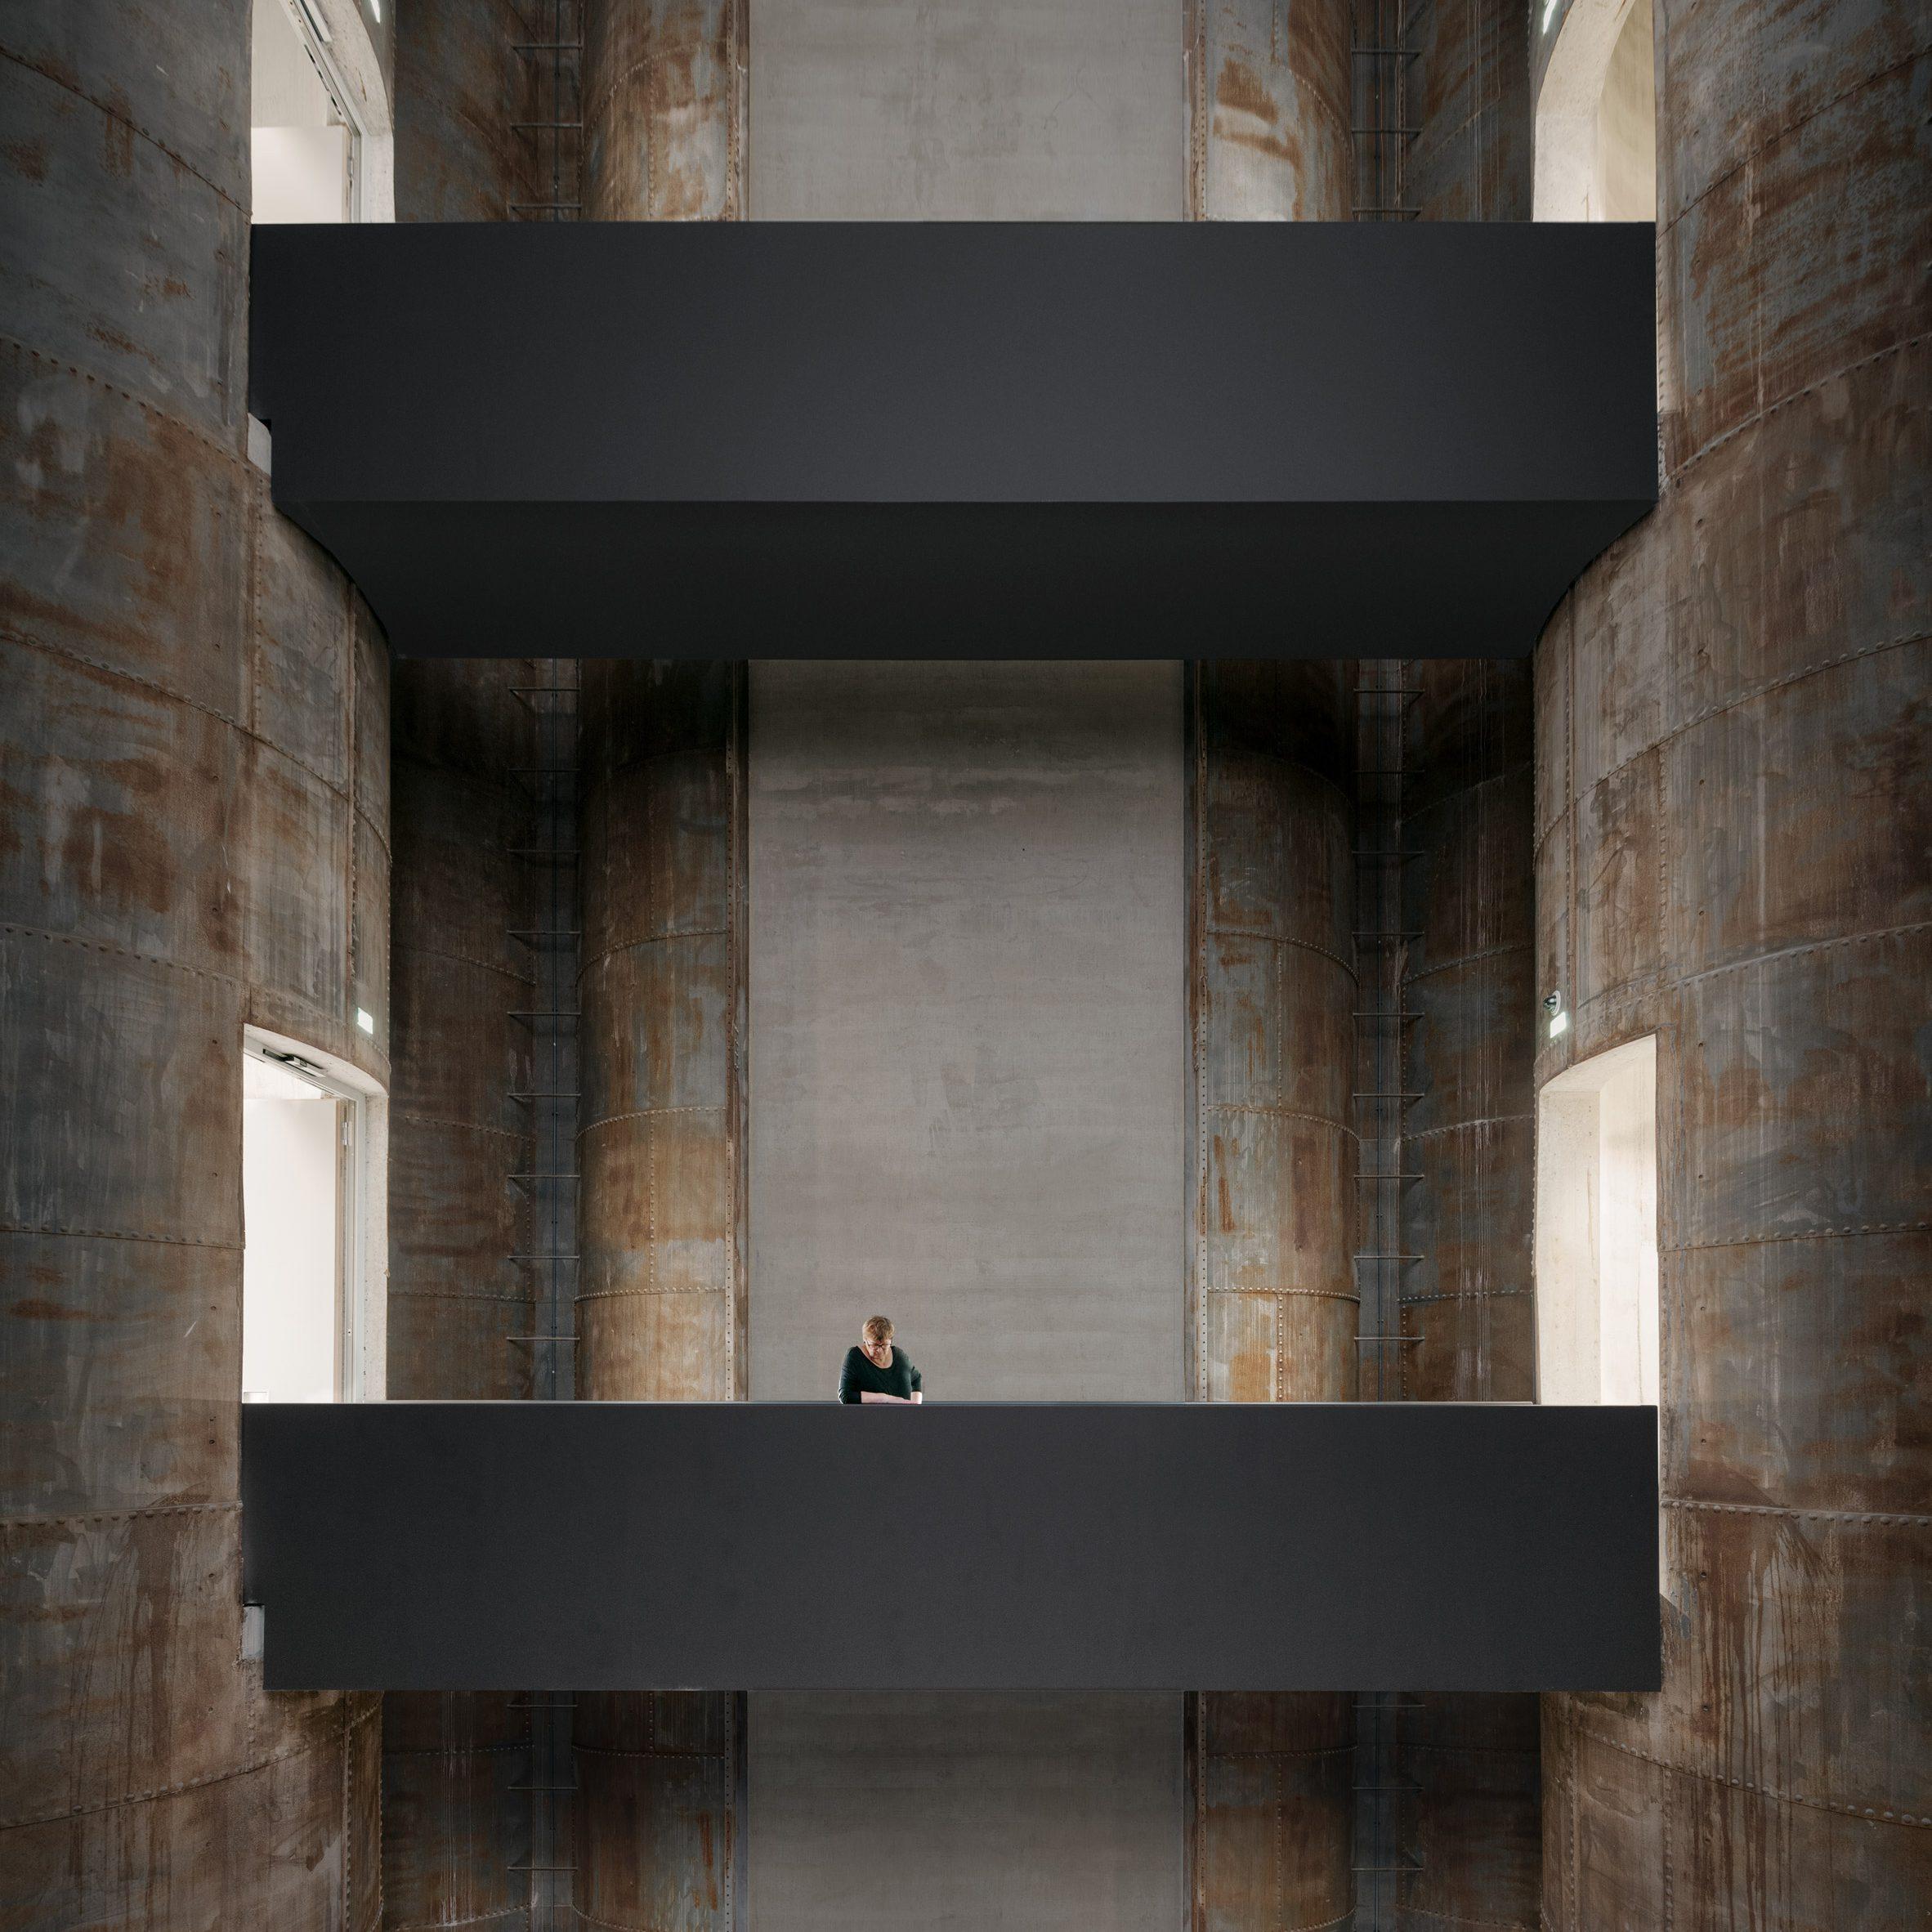 Herzog & de Meuron creates brick extension to its MKM Museum Küppersmühle